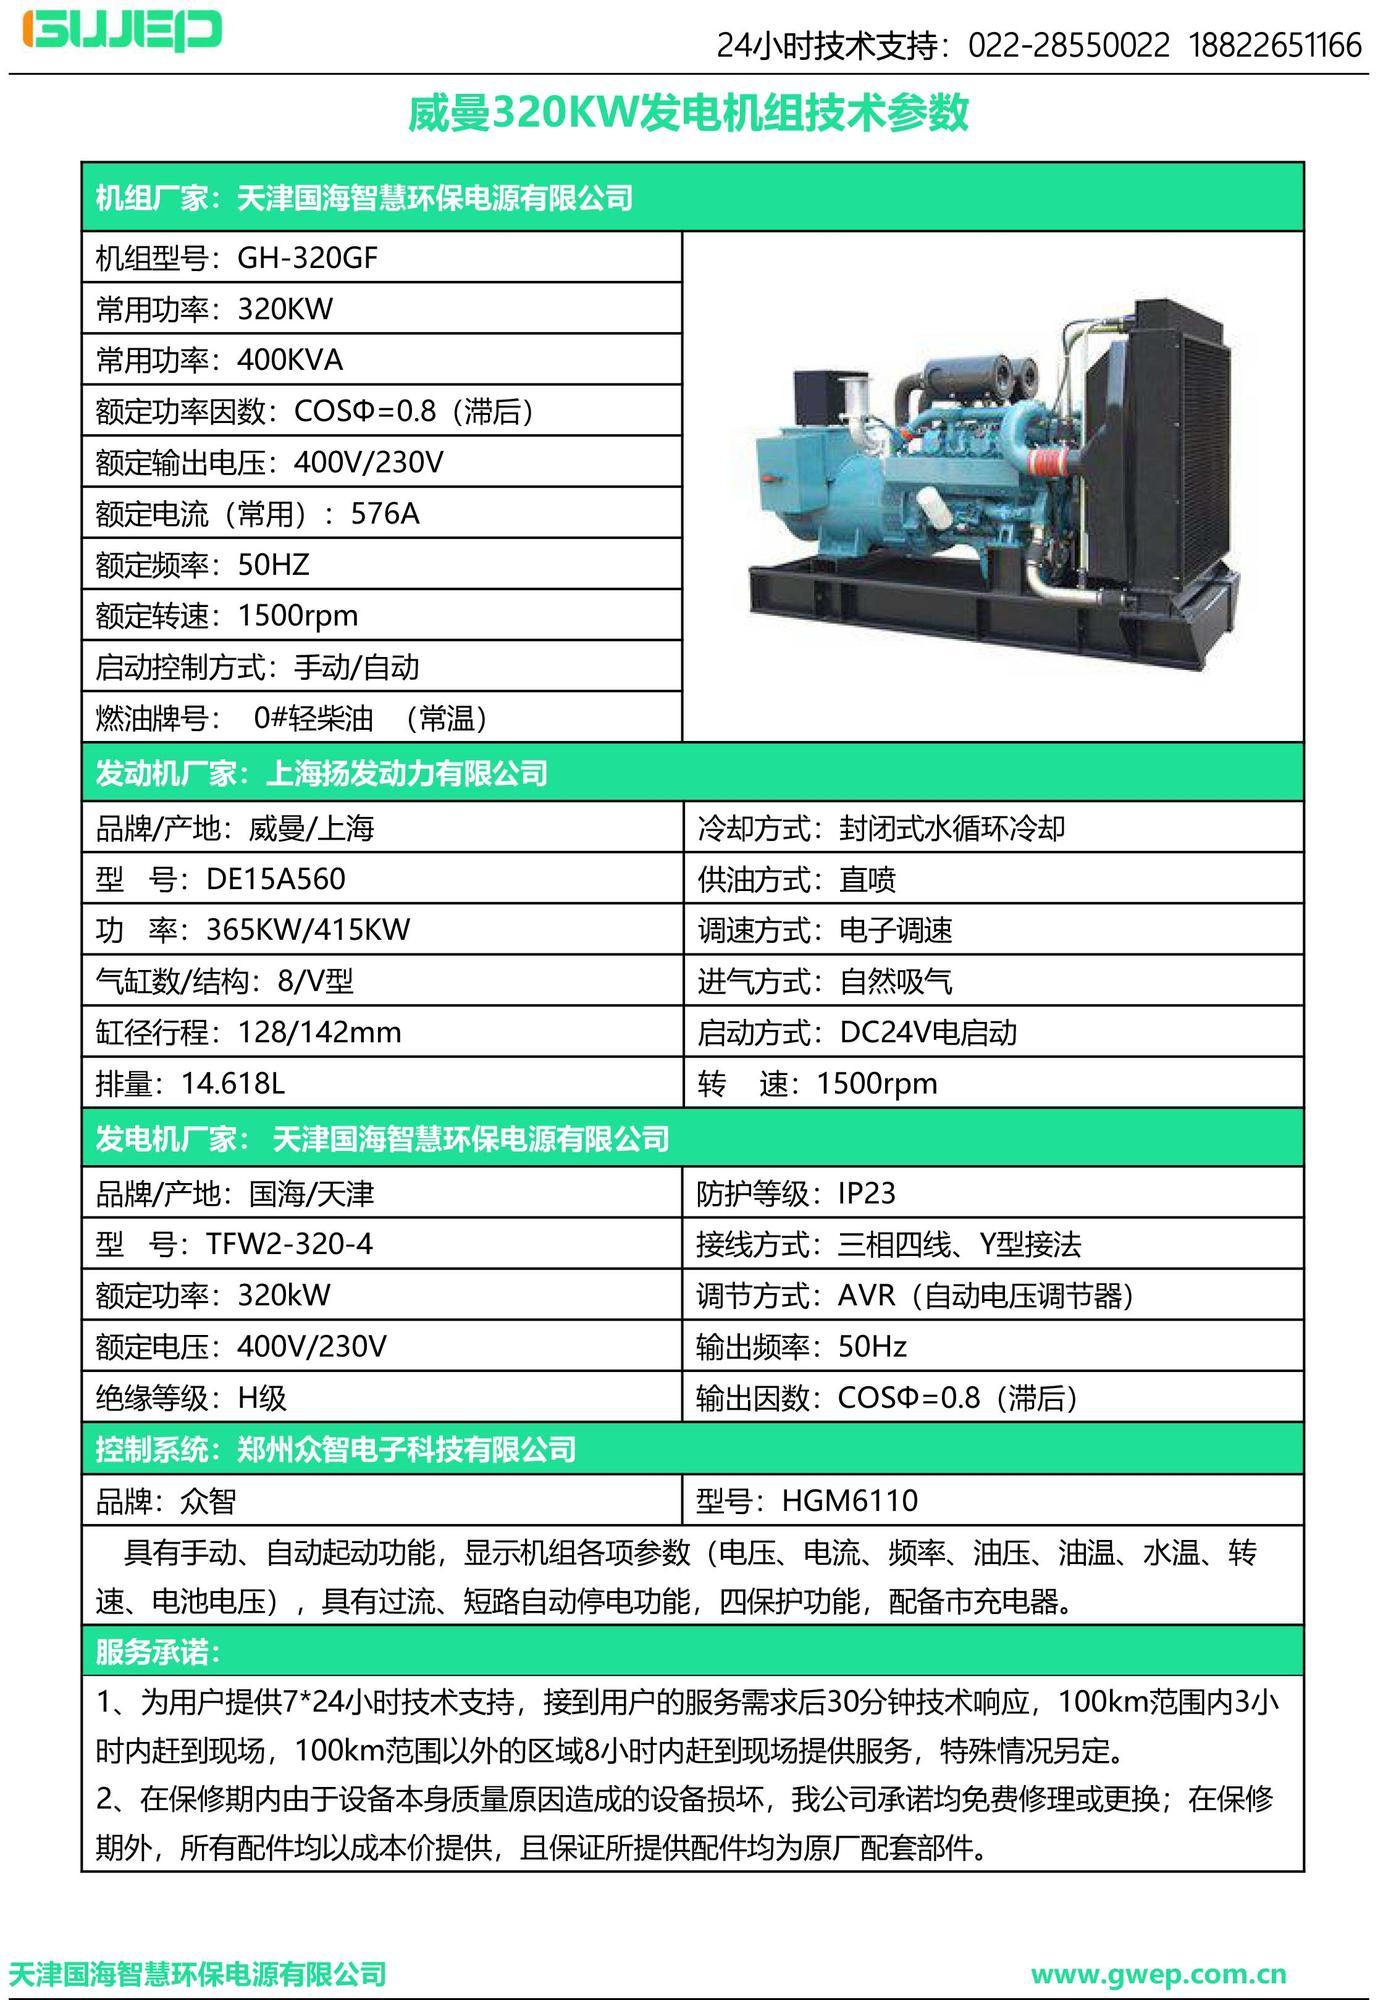 威曼320KW发电机组技术资料-2.jpg